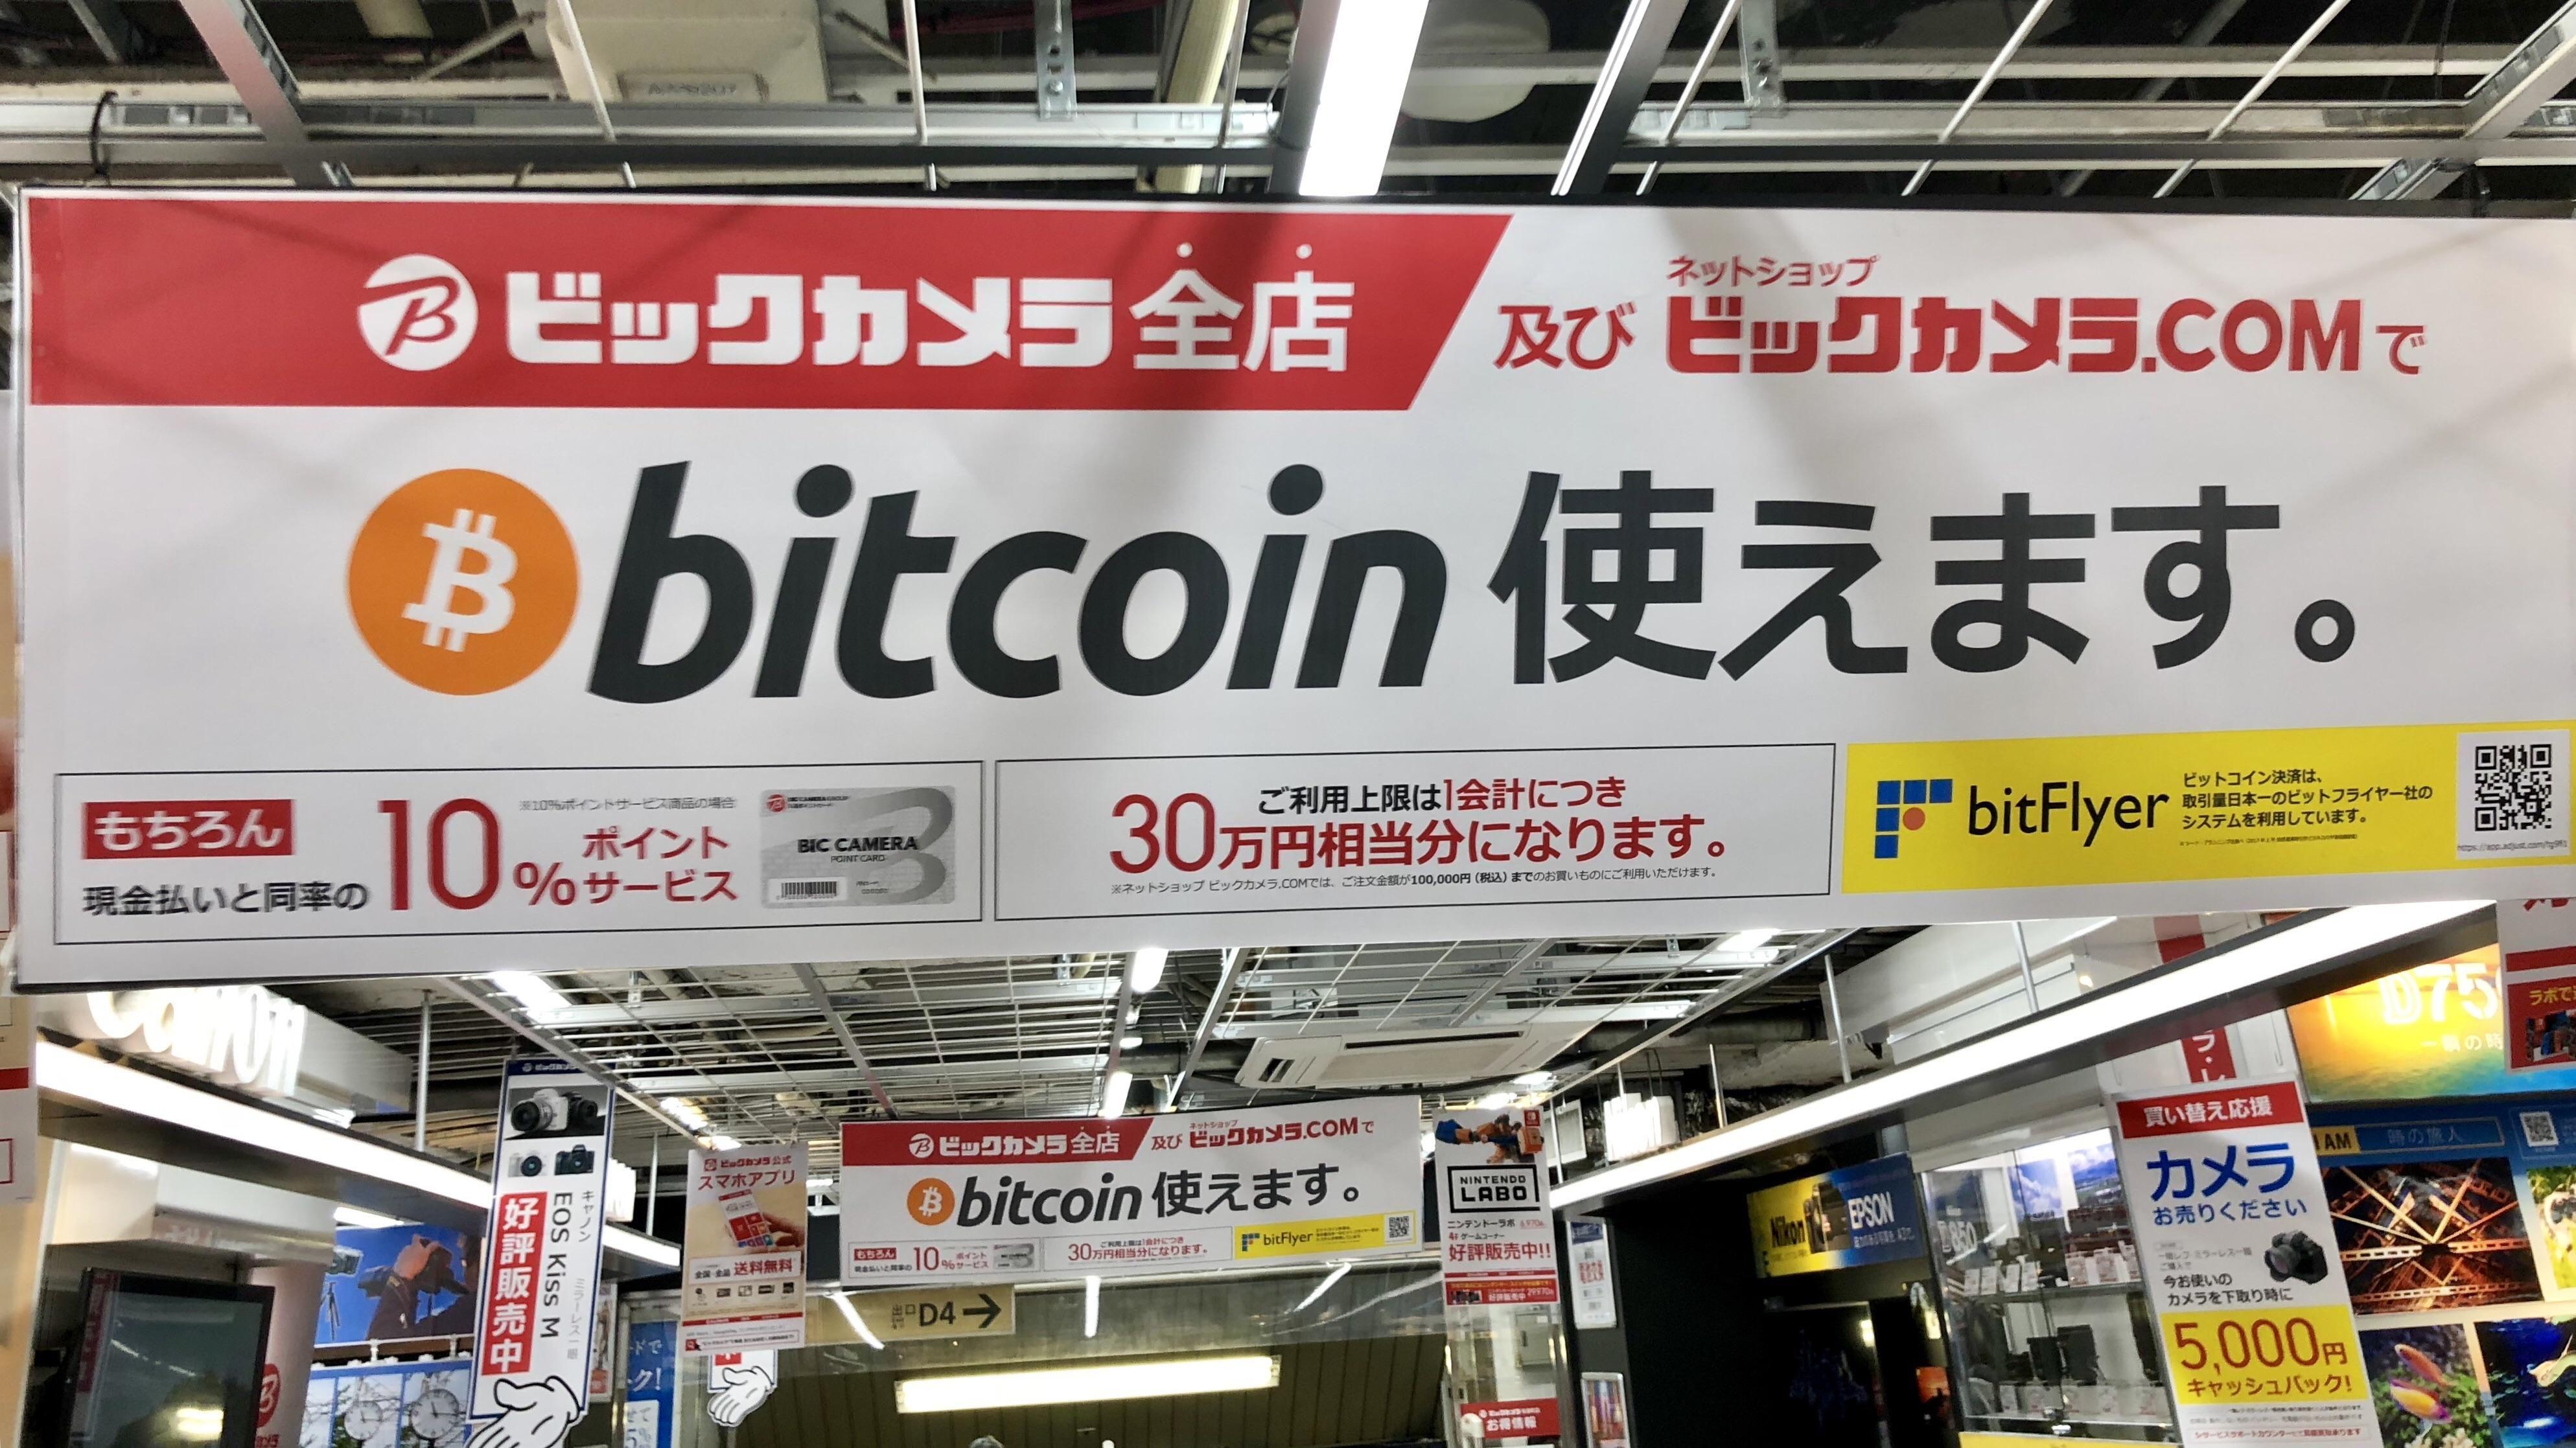 Bitcoin în Japonia - moneda bitcoin s-a tranzacţionat cu de dolari